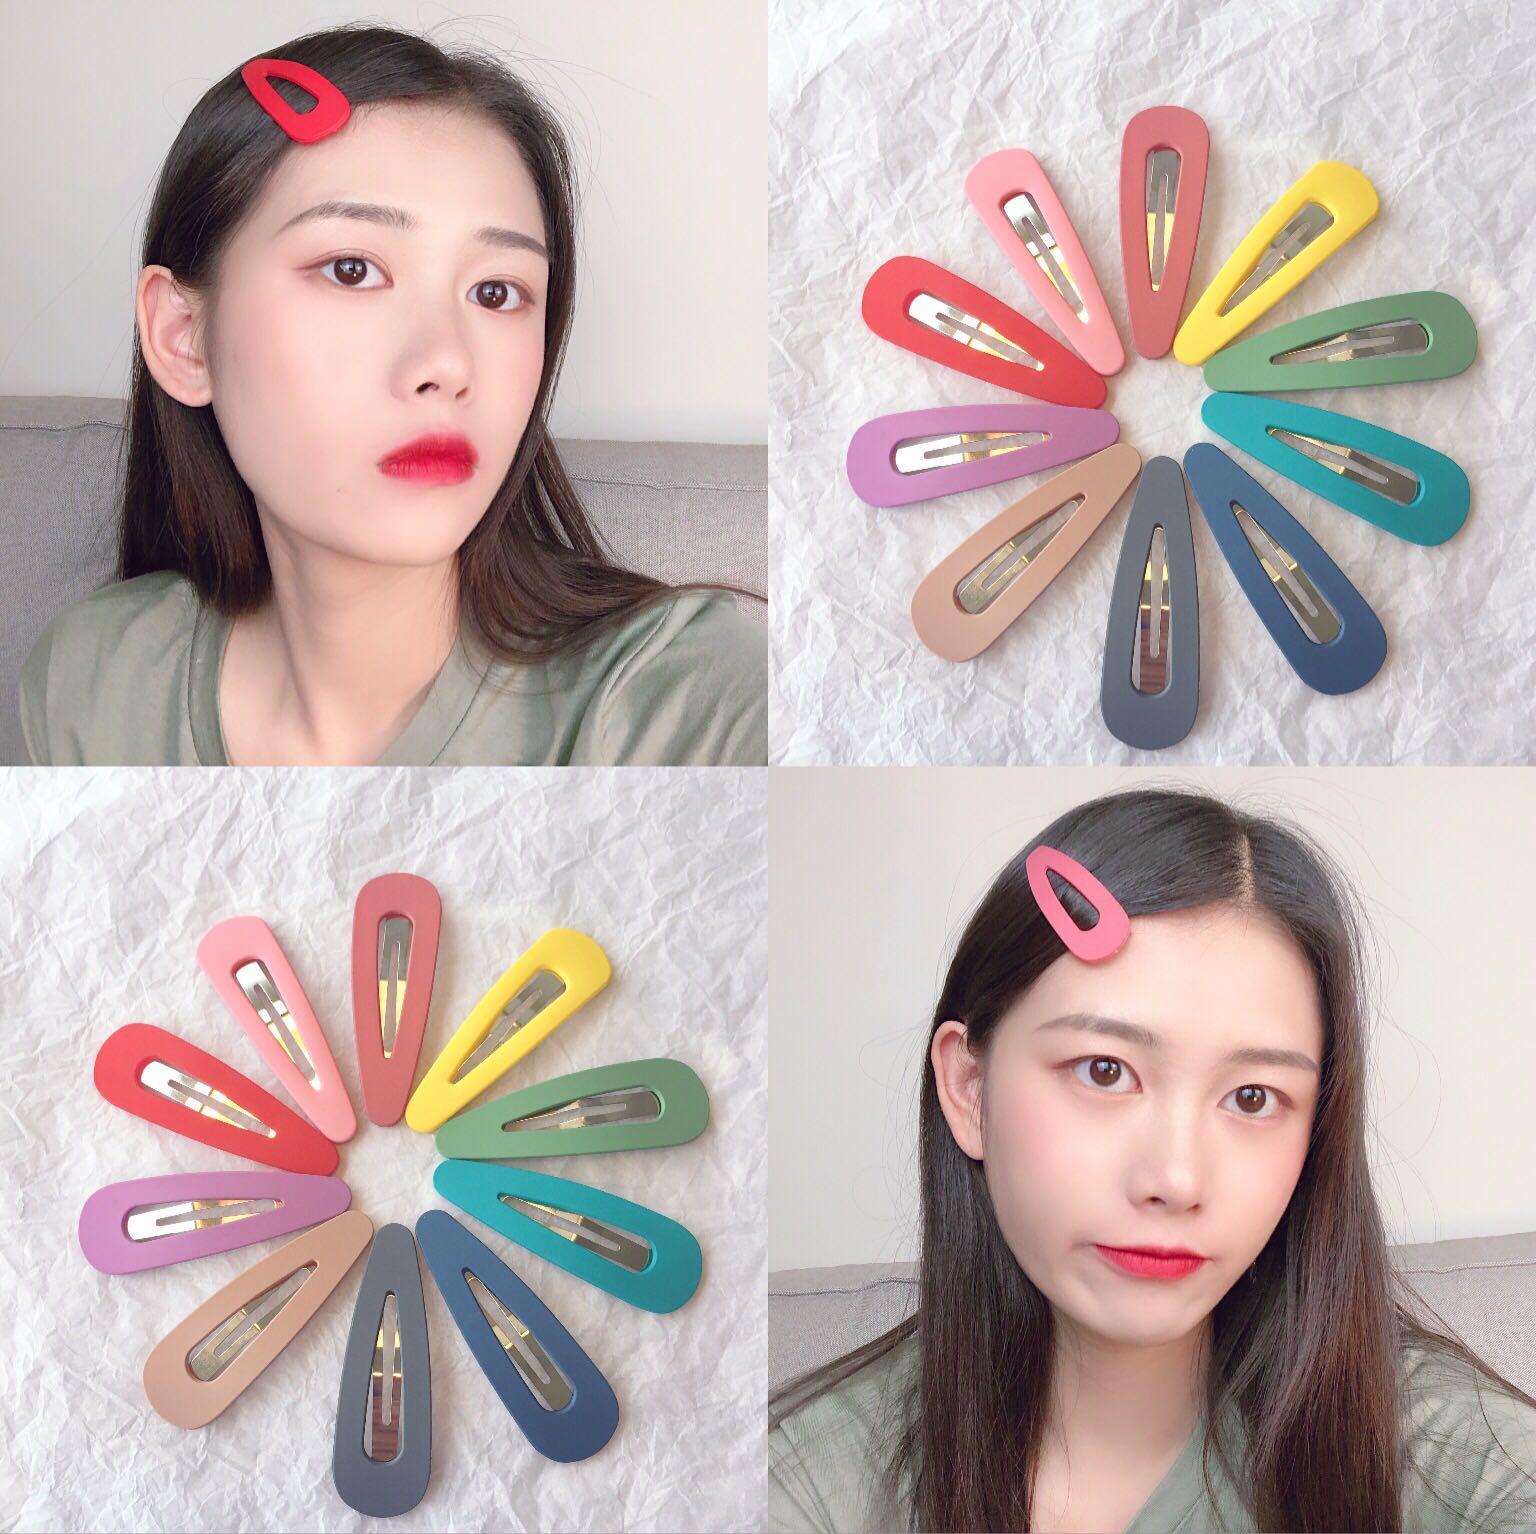 韩国泫雅风糖果色水滴发夹马卡龙色少女心可爱刘海夹磨砂发夹边夹不包邮